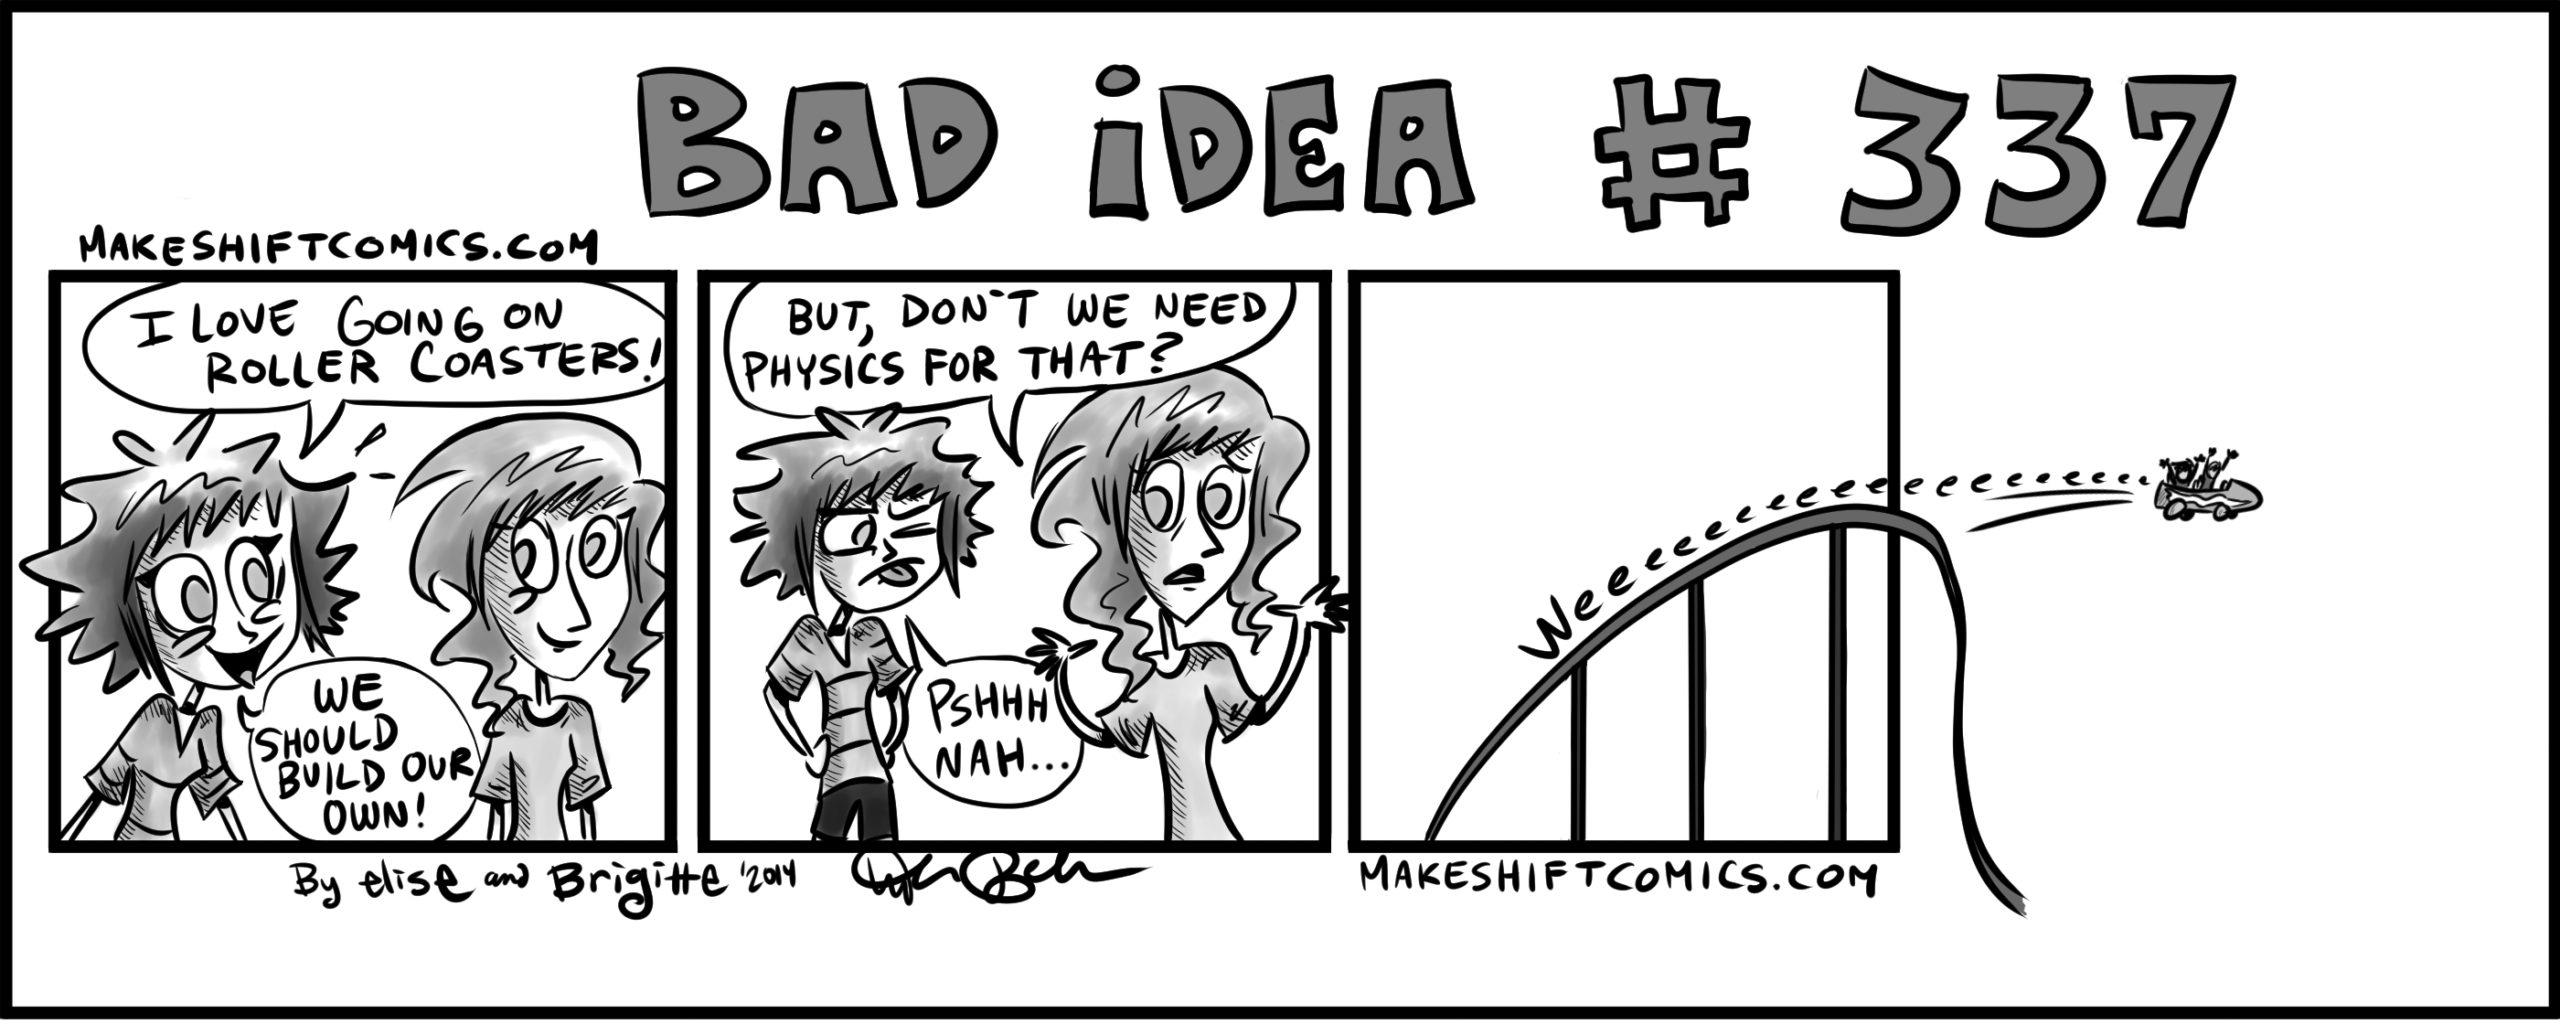 Bad Idea #337